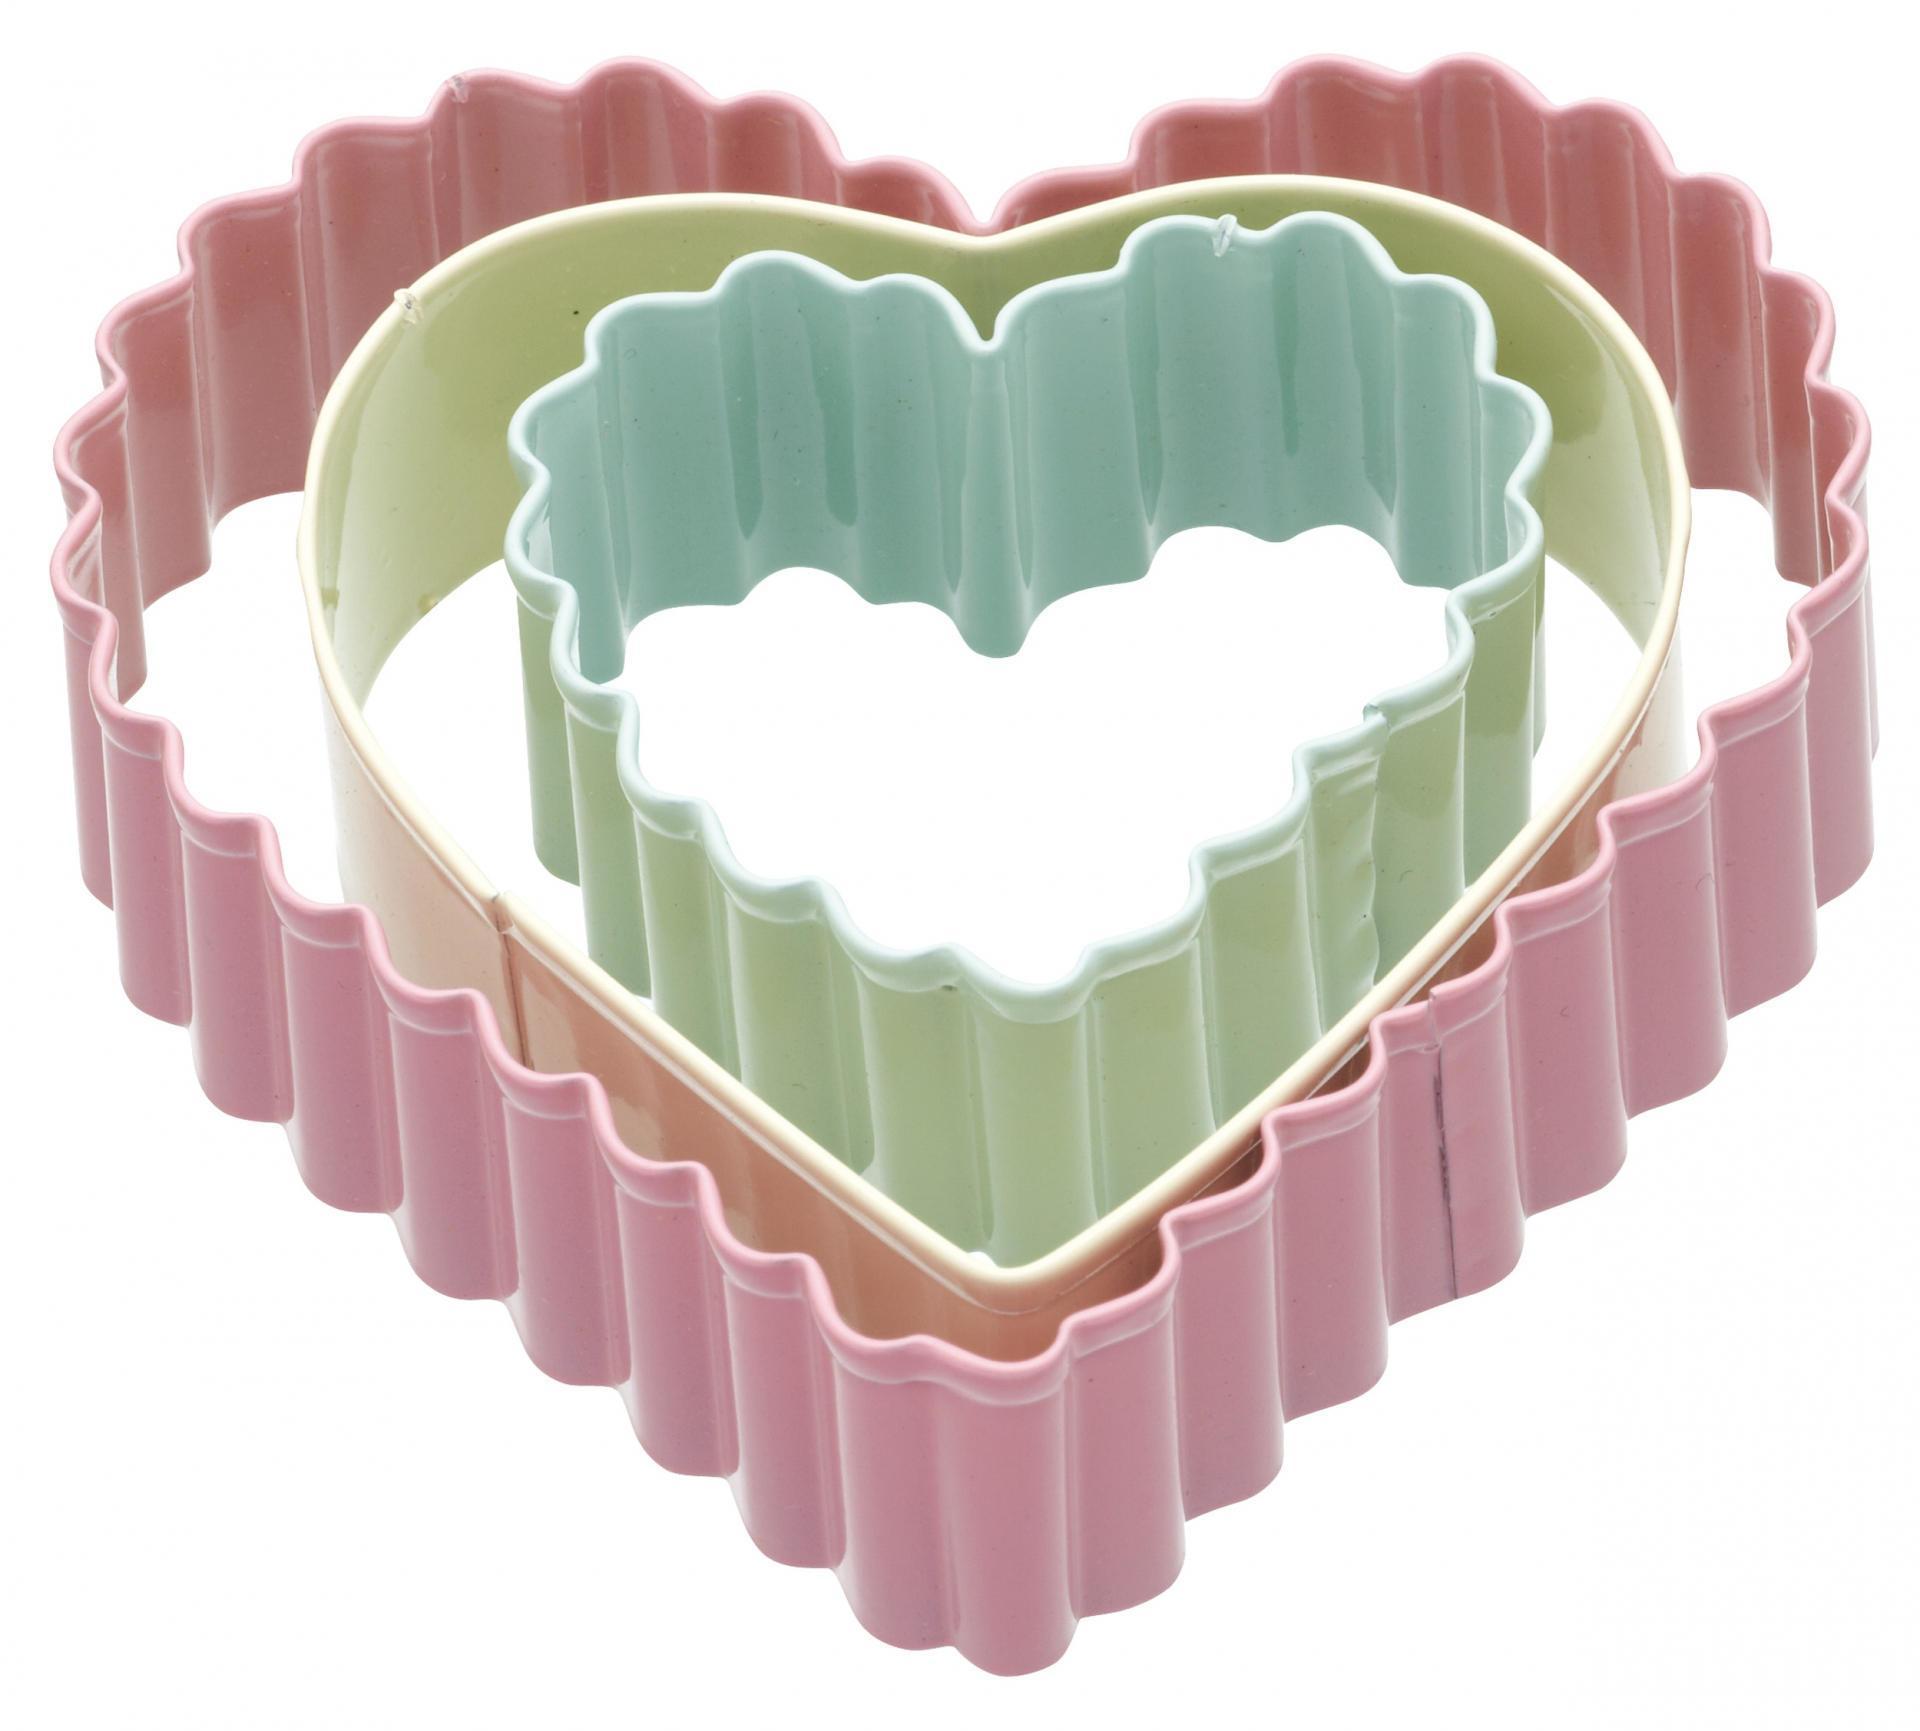 Kitchen Craft Barevná vykrajovátka Heart - 3 ks, růžová barva, zelená barva, žlutá barva, multi barva, kov